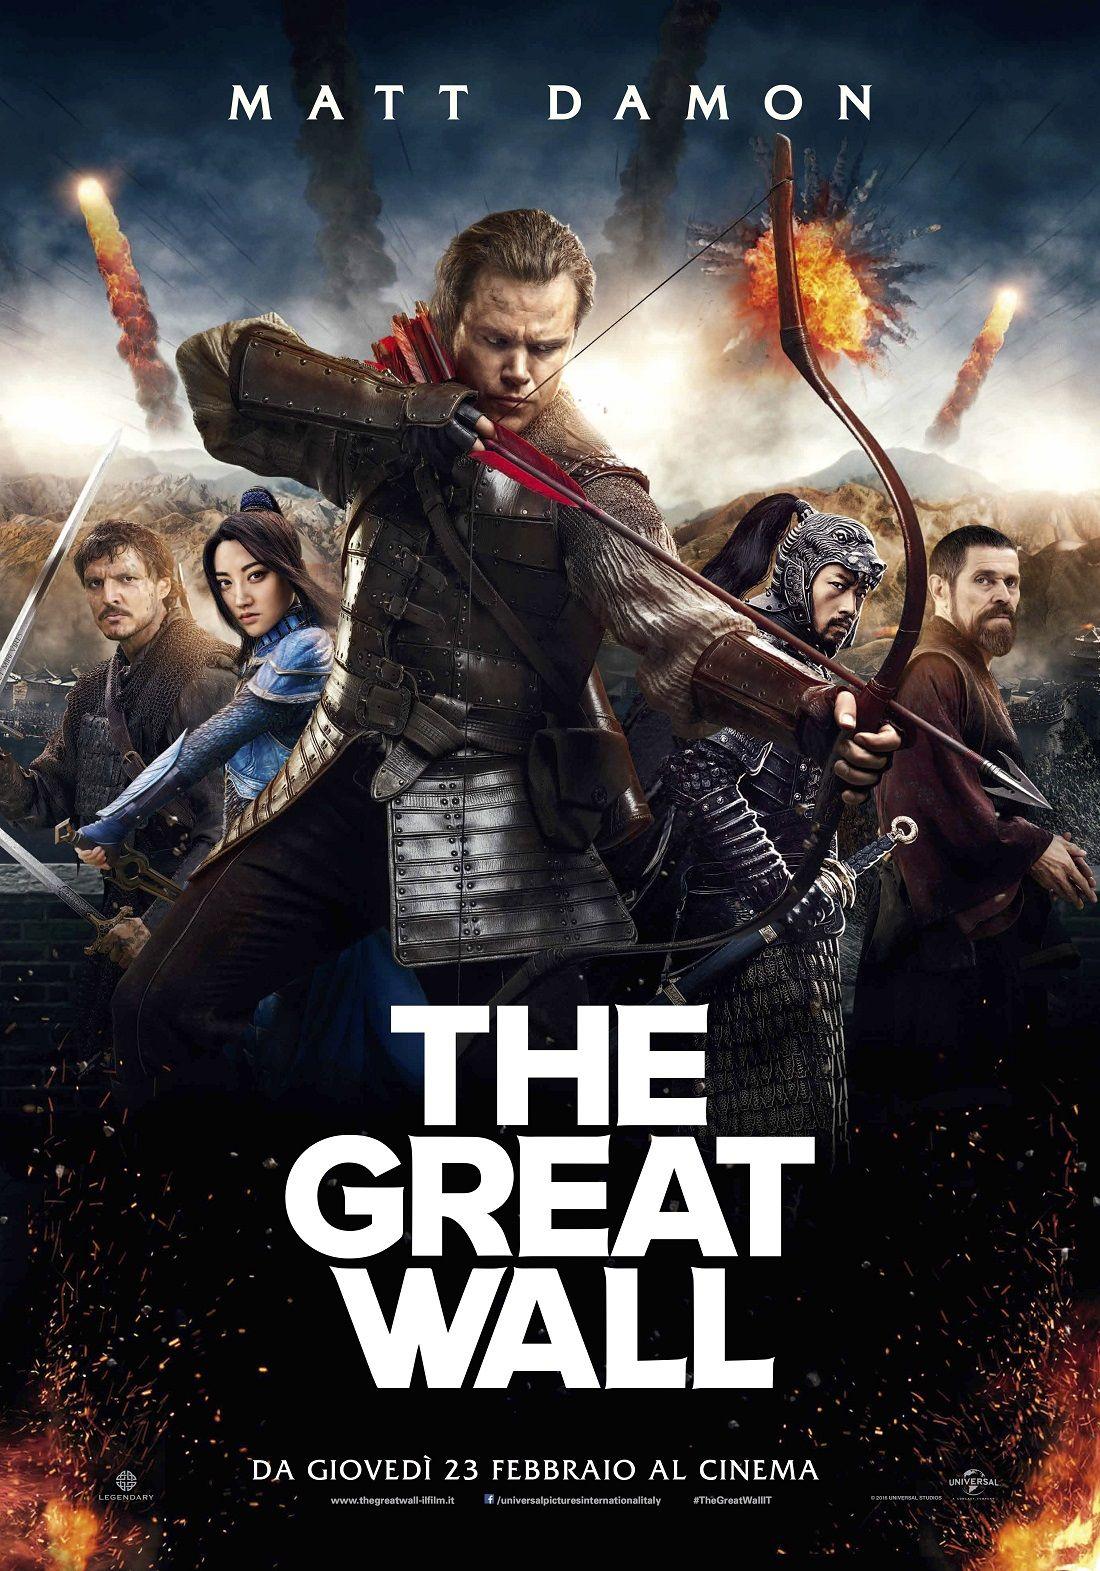 The Great Wall |  trama |  cast e curiosità del film con Matt Damon